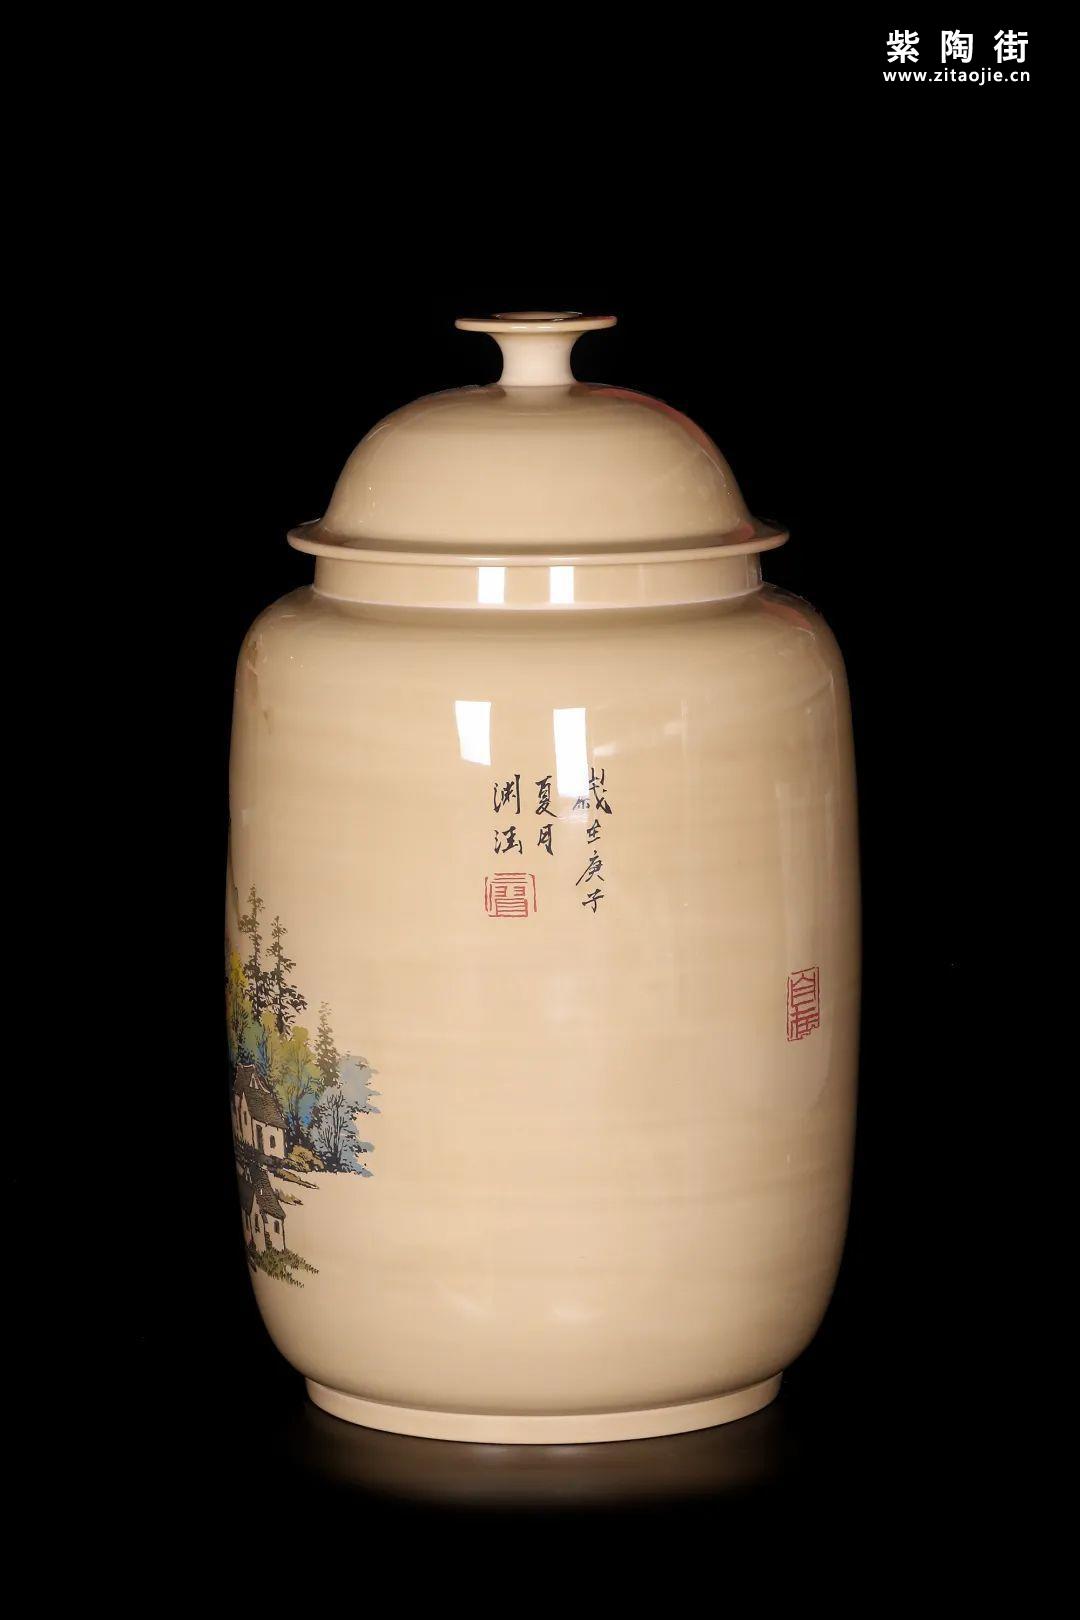 廖建忠、廖渊涵的青绿山水装饰紫陶缸插图3